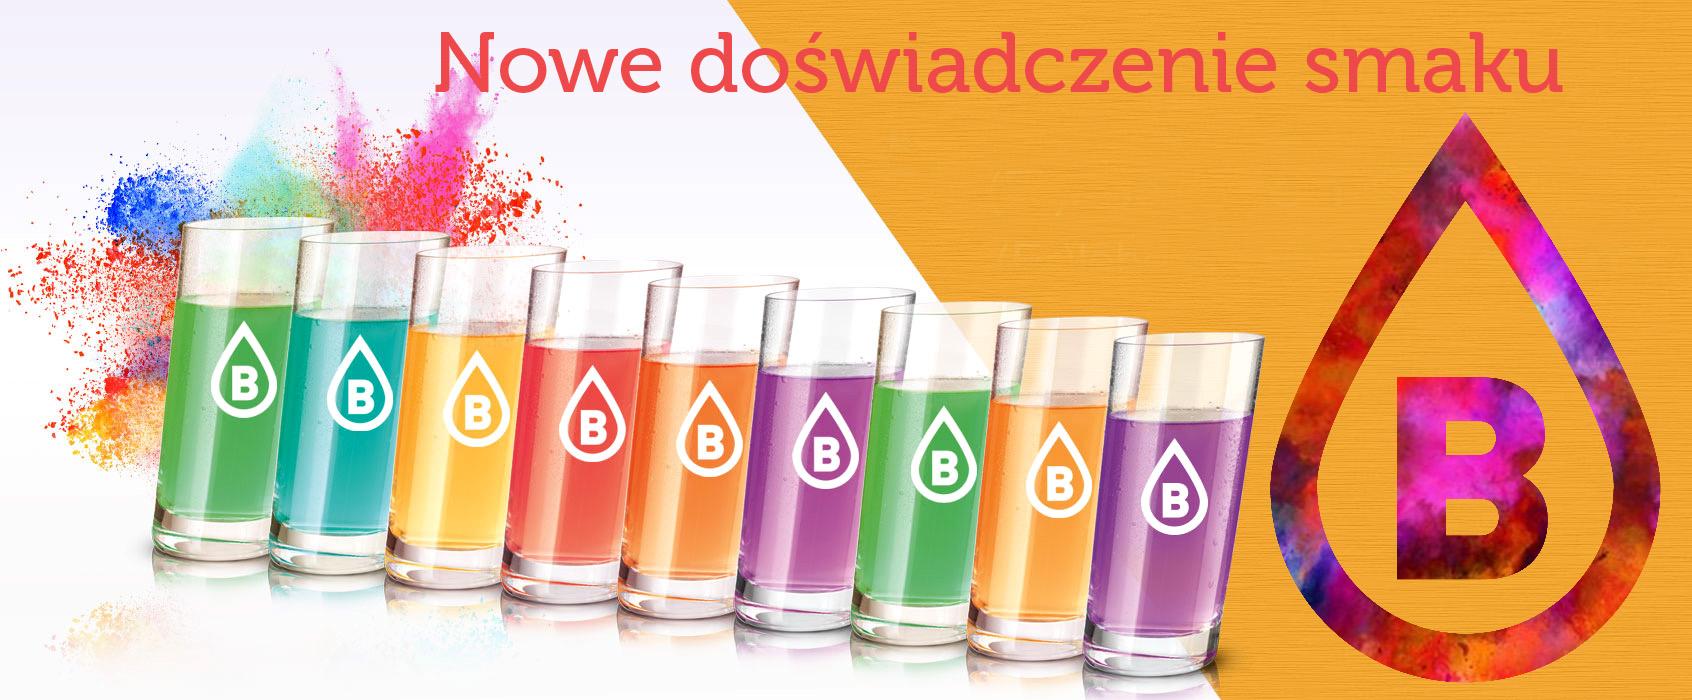 Bolero Drink największy wybór smaków w Polsce